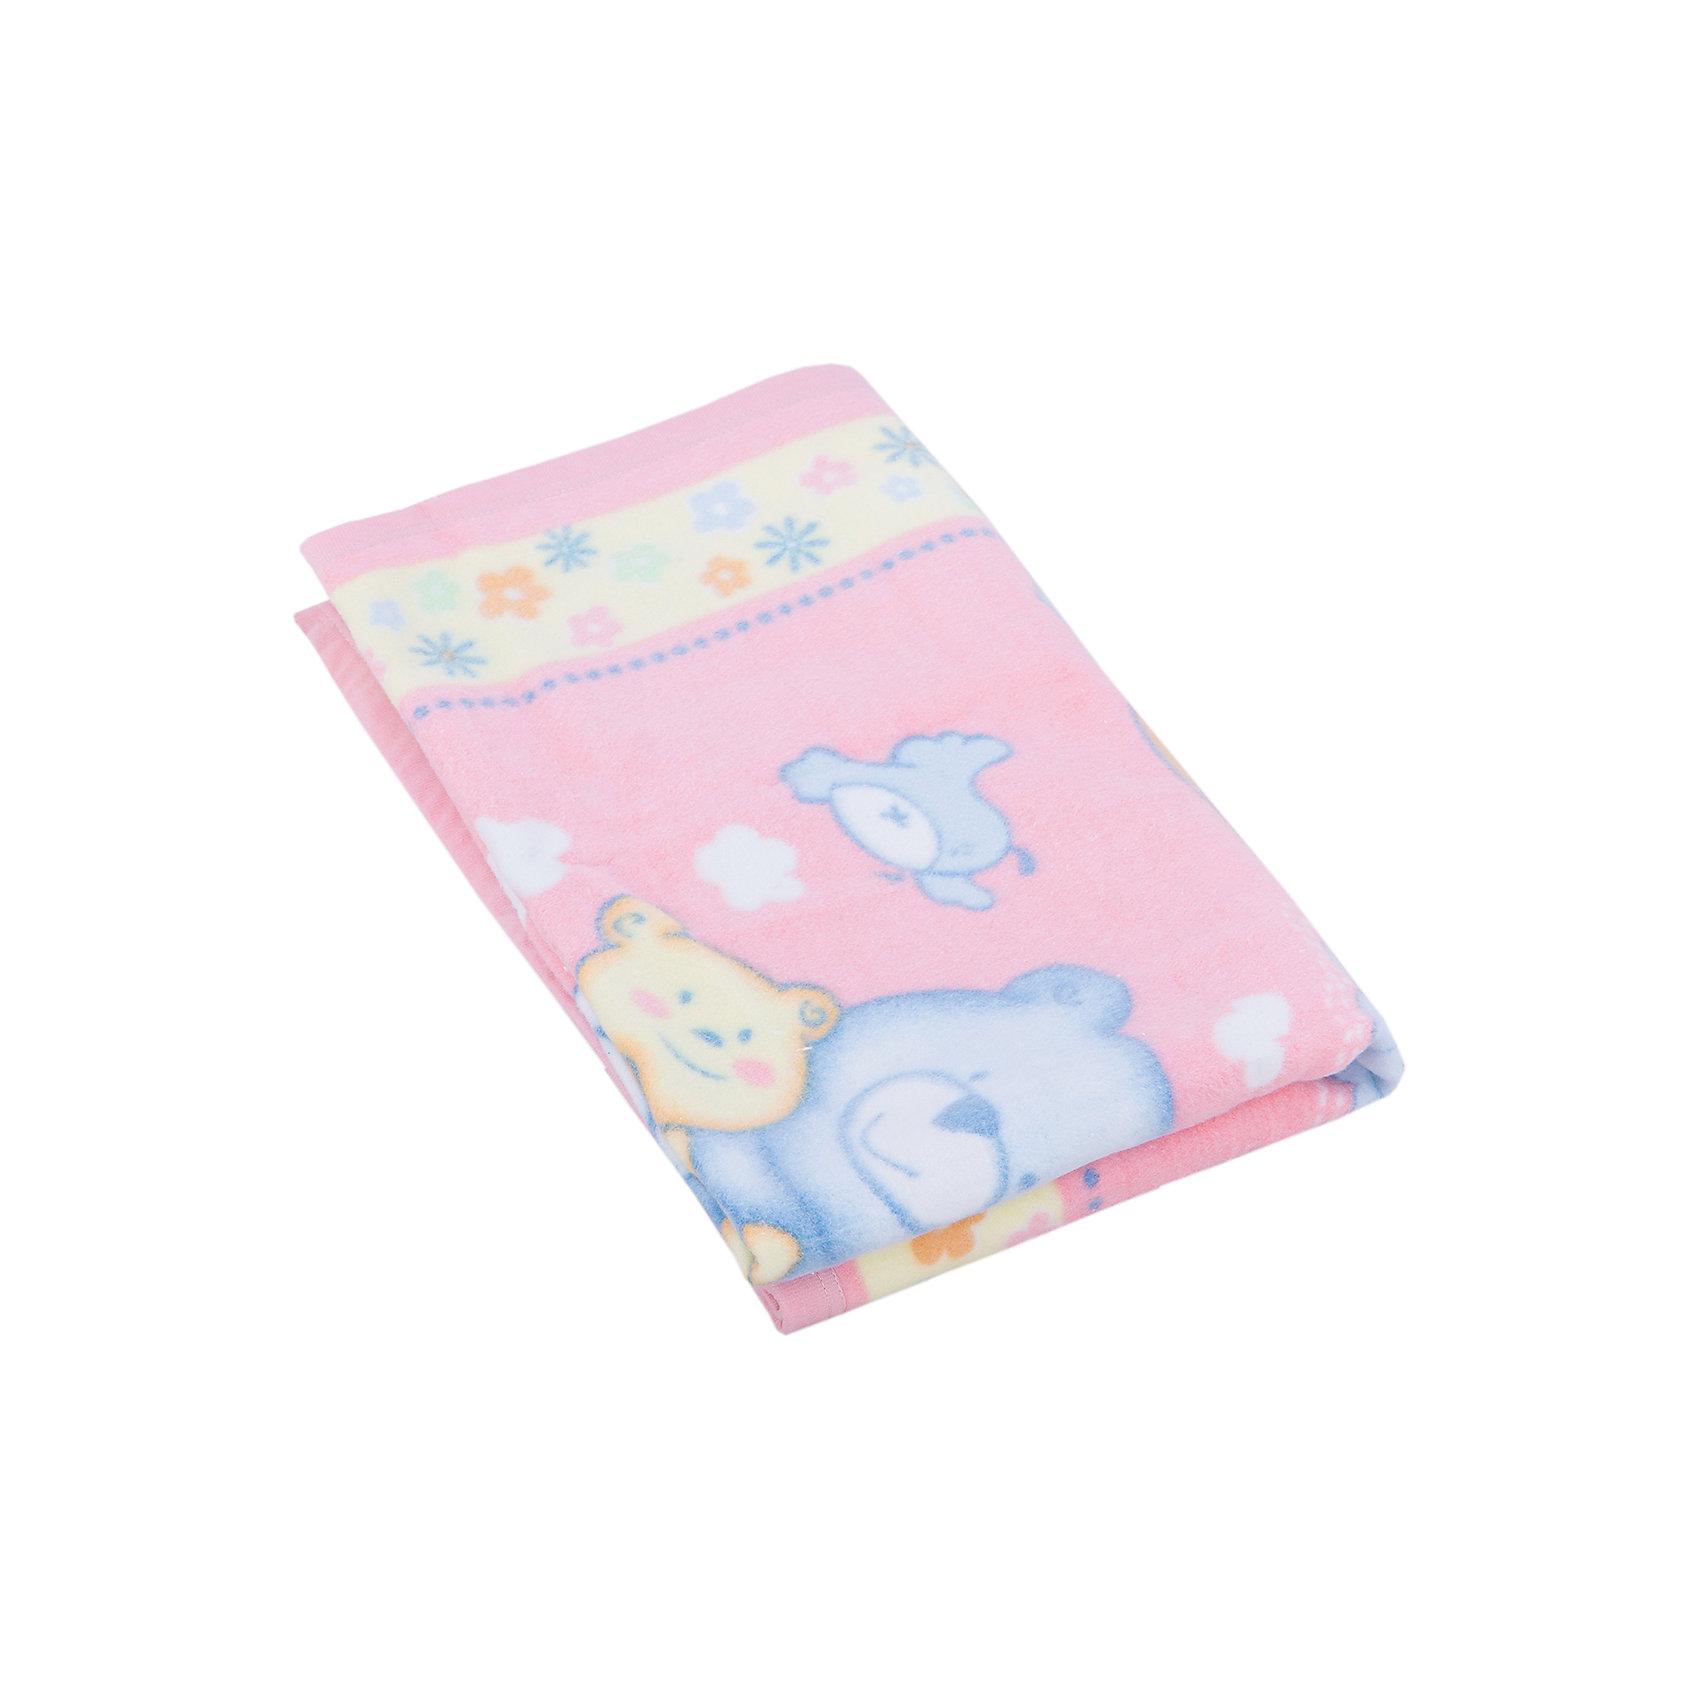 яло байковое Мишка на лужайке, 100х118 2-сторон., Baby Nice, розовыйПредметы, находящиеся в детской кроватке, должны быть качественными и безопасными. Это одеяло разработано специально для малышей, оно обеспечивает комфорт на всю ночь. Одеяло украшено симпатичным принтом.<br>Одеяло сшито из натурального дышащего хлопка, приятного на ощупь. Он не вызывает аллергии, что особенно важно для малышей. Оно обеспечит хорошую терморегуляцию, впитает лишнюю влагу, а значит - крепкий сон. Одеяло сделано из высококачественных материалов, безопасных для ребенка.<br><br>Дополнительная информация:<br><br>цвет: розовый;<br>материал: хлопок;<br>принт;<br>двустороннее;<br>размер: 100 х 118 см.<br><br>Одеяло байковое Мишка на лужайке, 100х118 2-сторон. от компании Baby Nice можно купить в нашем магазине.<br><br>Ширина мм: 230<br>Глубина мм: 250<br>Высота мм: 40<br>Вес г: 500<br>Возраст от месяцев: 0<br>Возраст до месяцев: 36<br>Пол: Унисекс<br>Возраст: Детский<br>SKU: 4941760